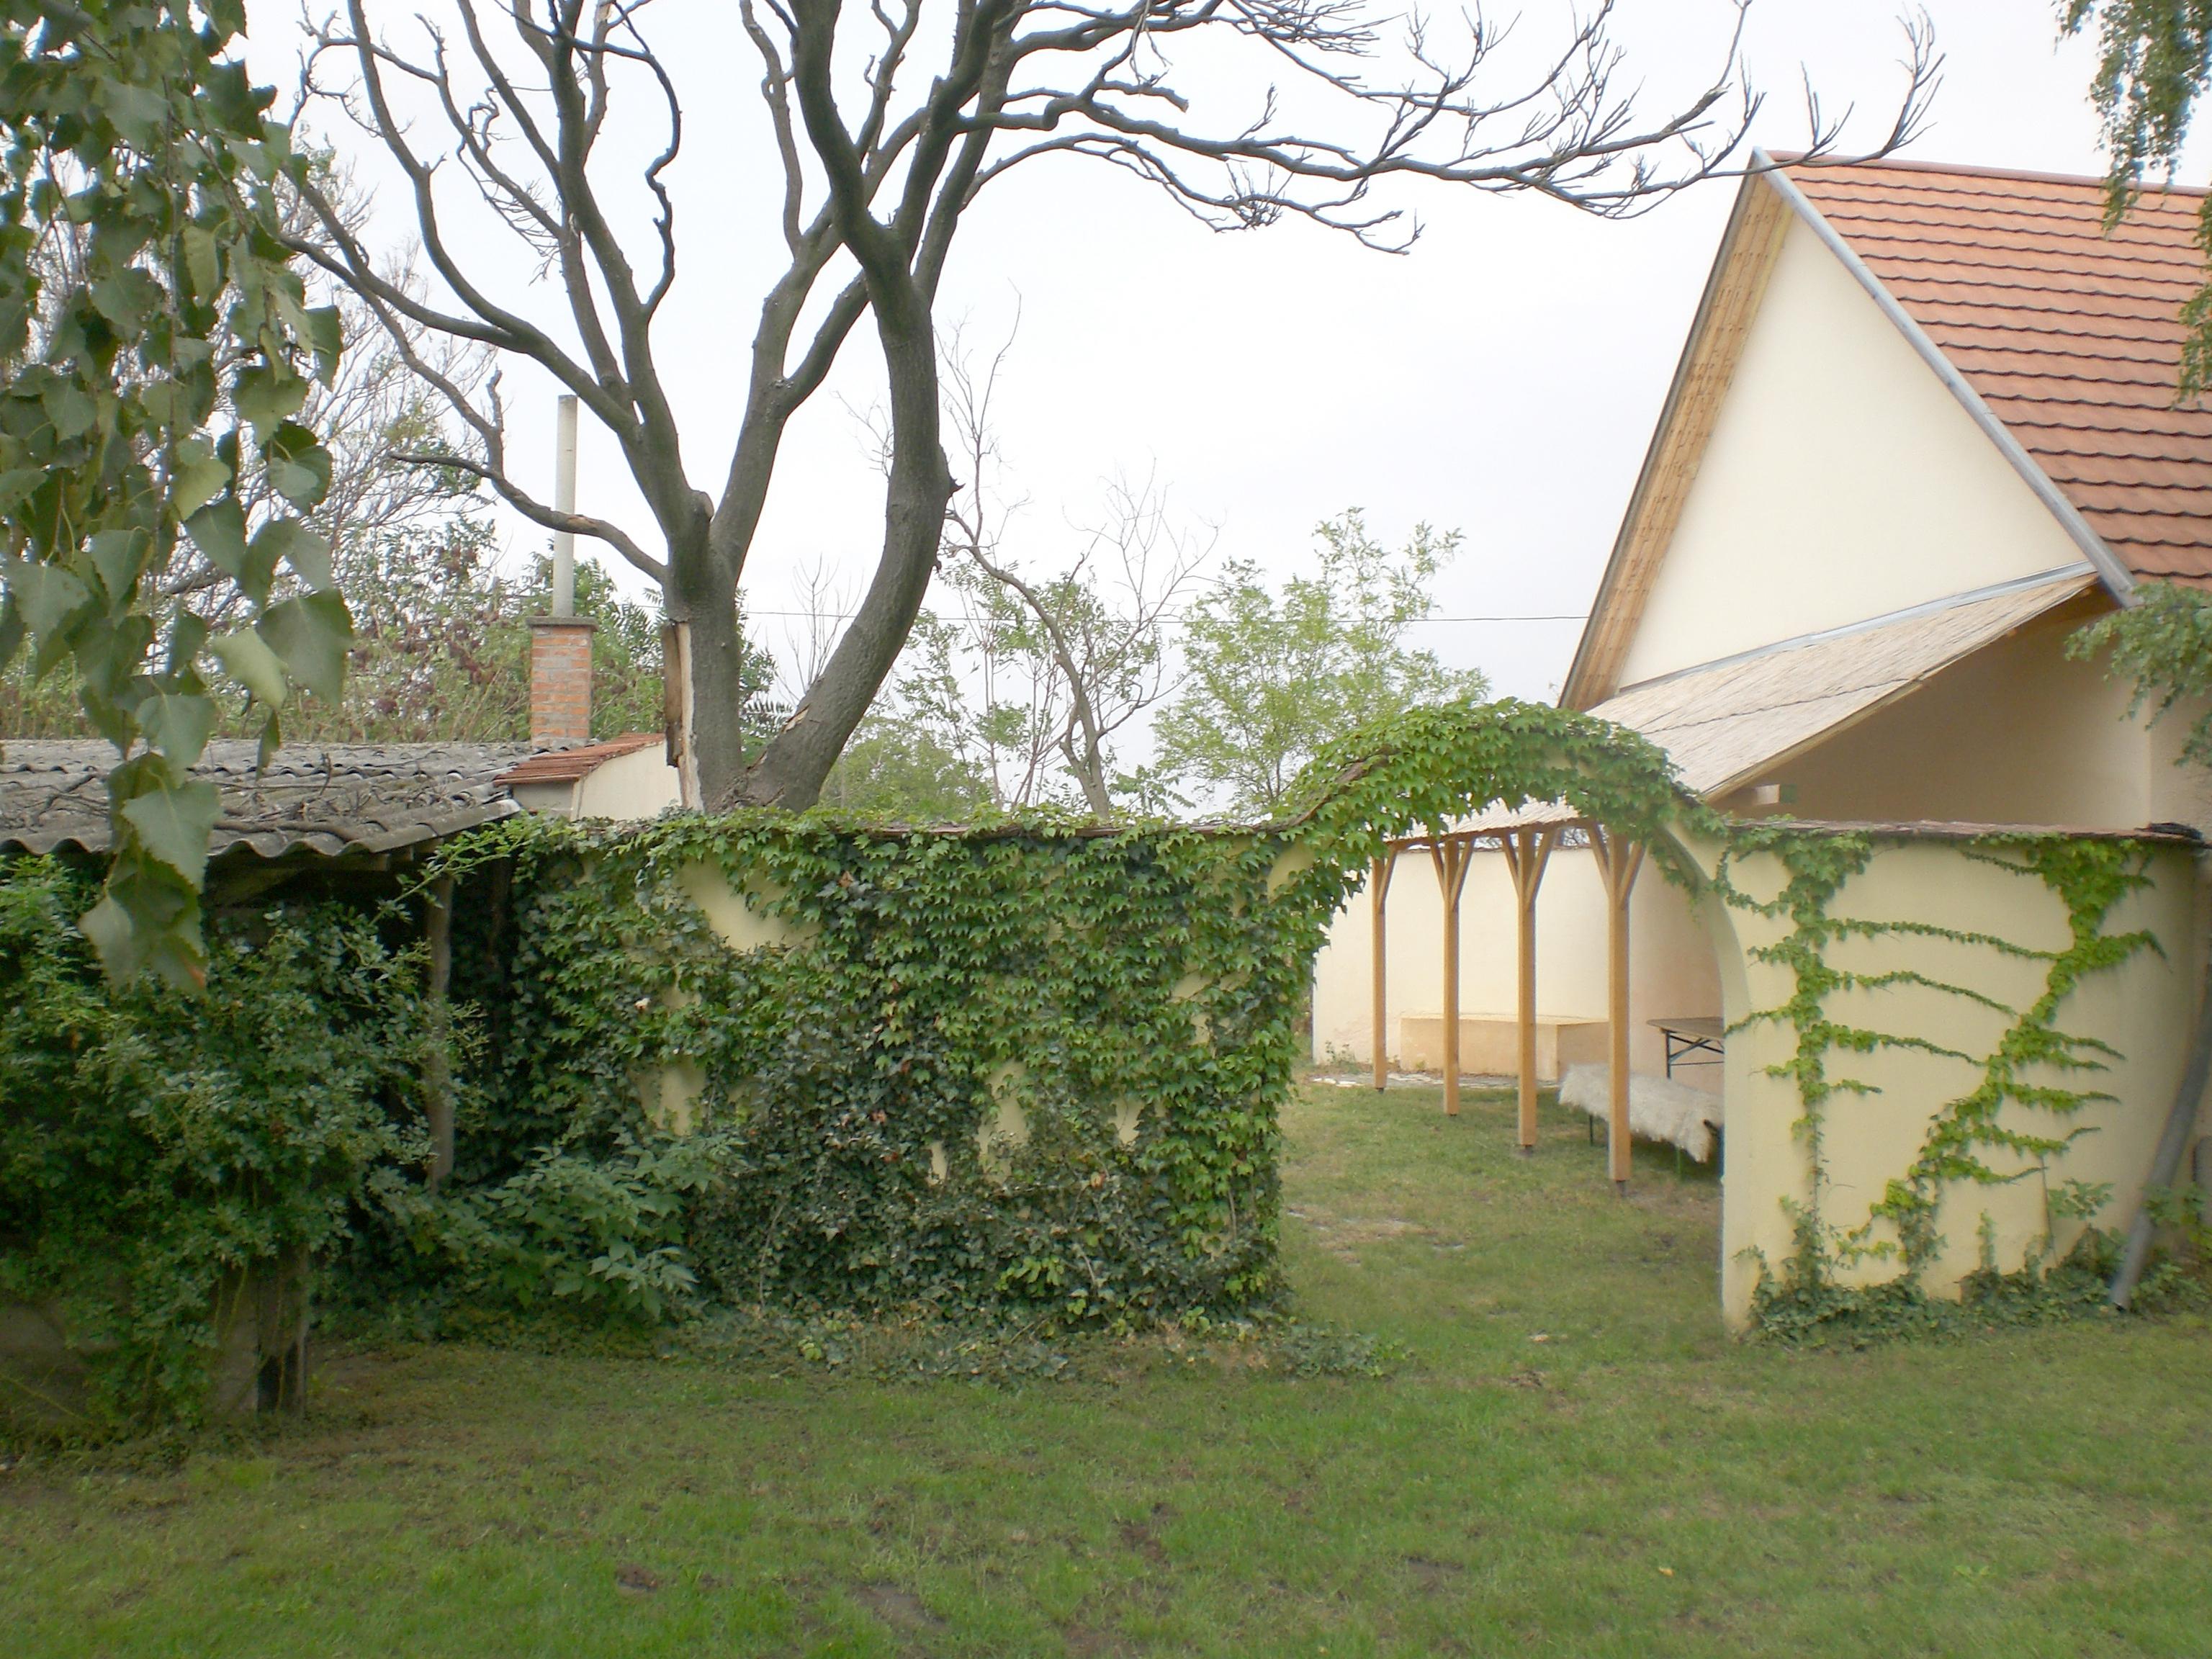 immobilien kleinanzeigen in gstadt am chiemsee. Black Bedroom Furniture Sets. Home Design Ideas